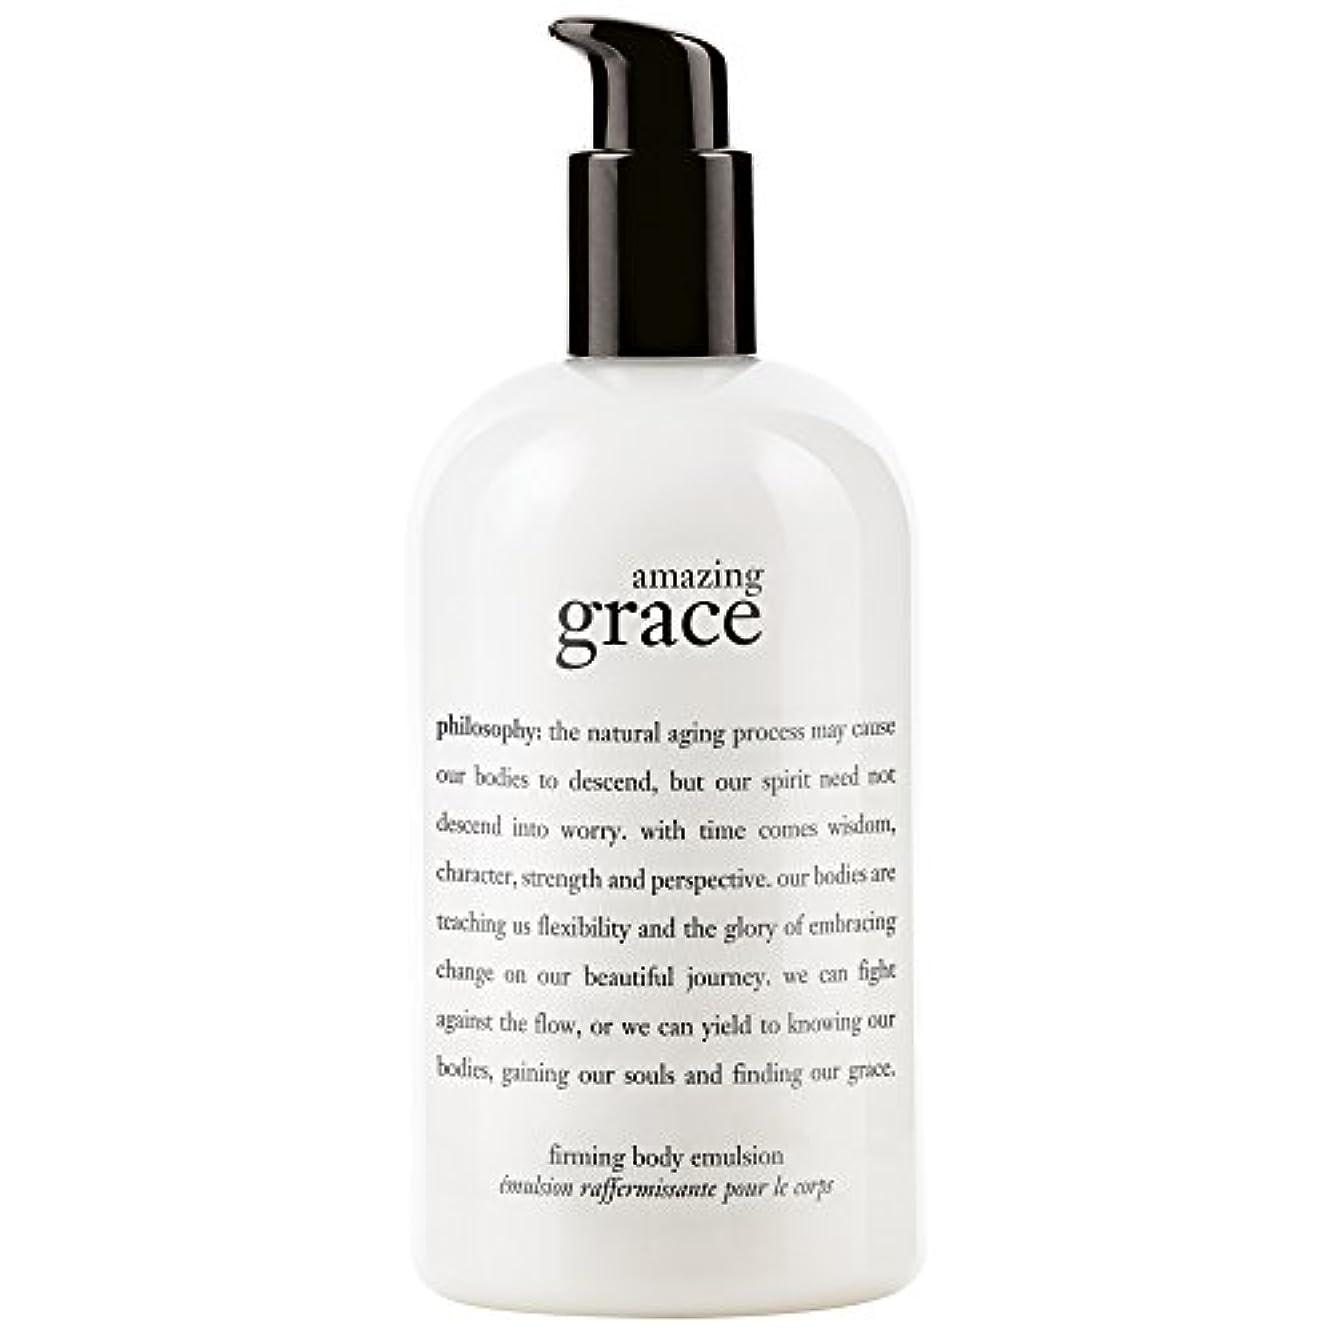 剥離星聖域哲学驚くべき恵み引き締めボディエマルジョン480ミリリットル (Philosophy) - Philosophy Amazing Grace Firming Body Emulsion 480ml [並行輸入品]